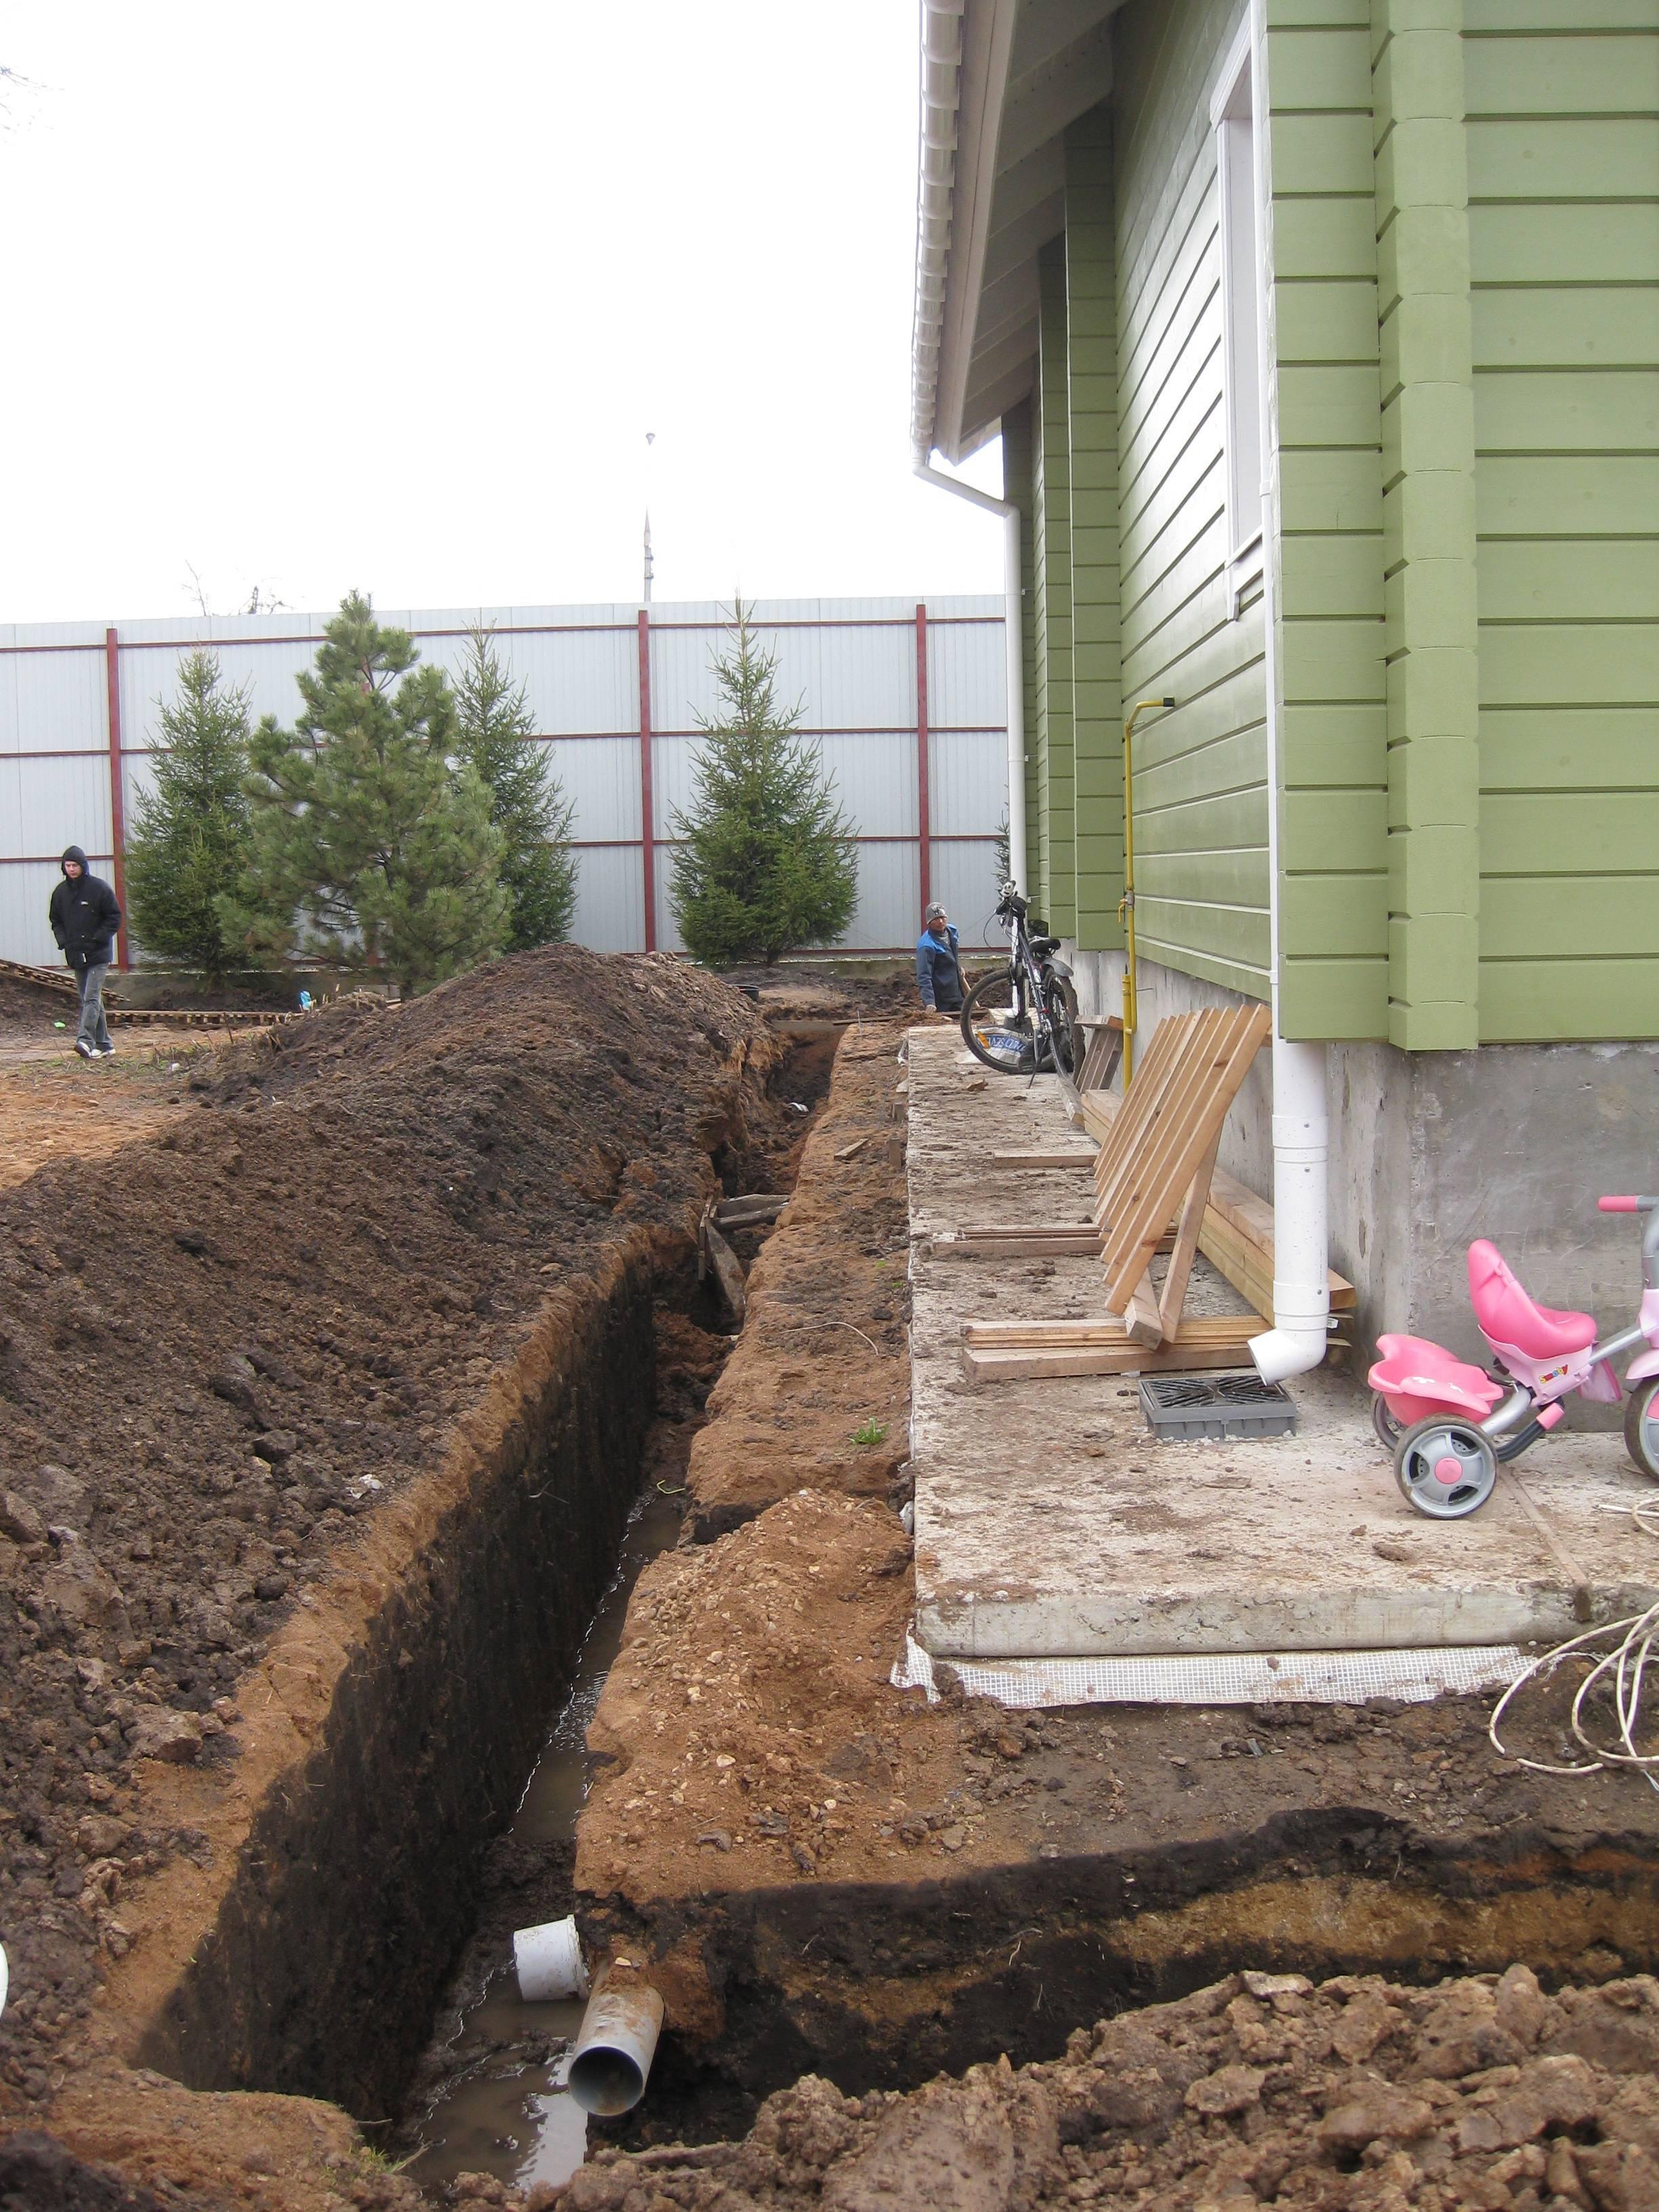 Дренажная система вокруг дома: предназначение, виды дренажных систем, проектирование и порядок сооружения